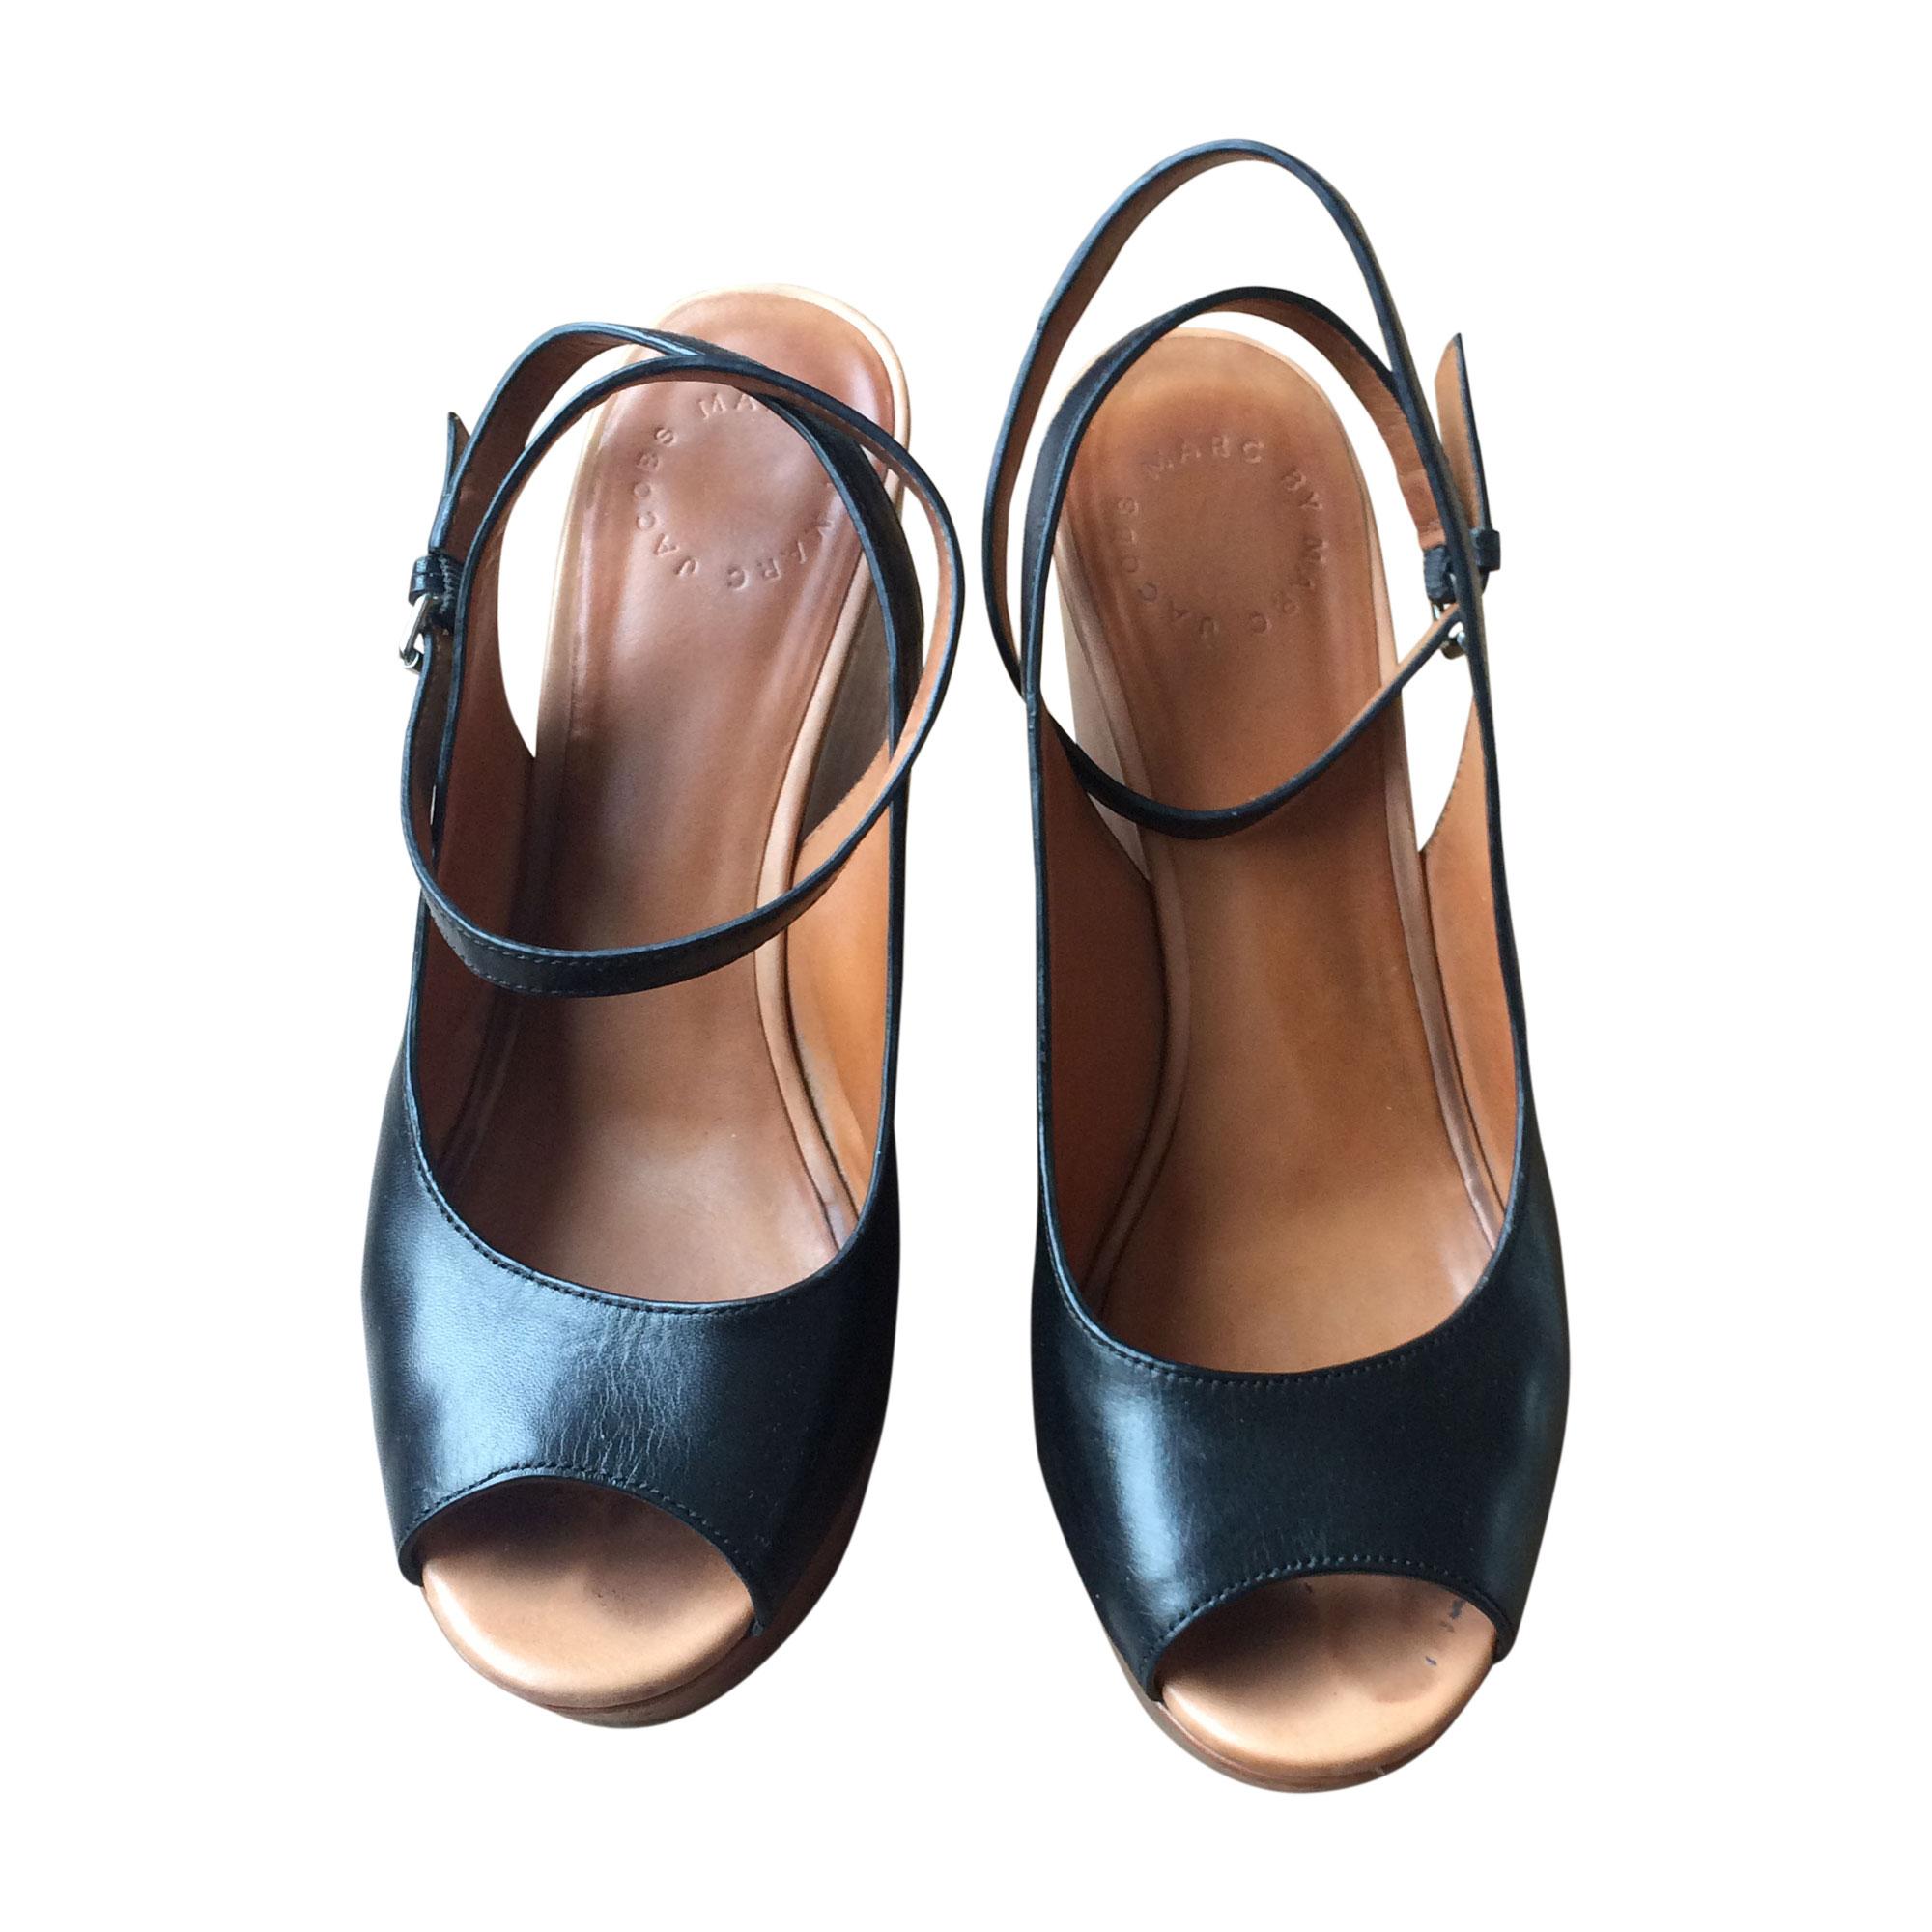 Sandales compensées MARC BY MARC JACOBS 38 noir vendu par Verniere ... b09439ad789